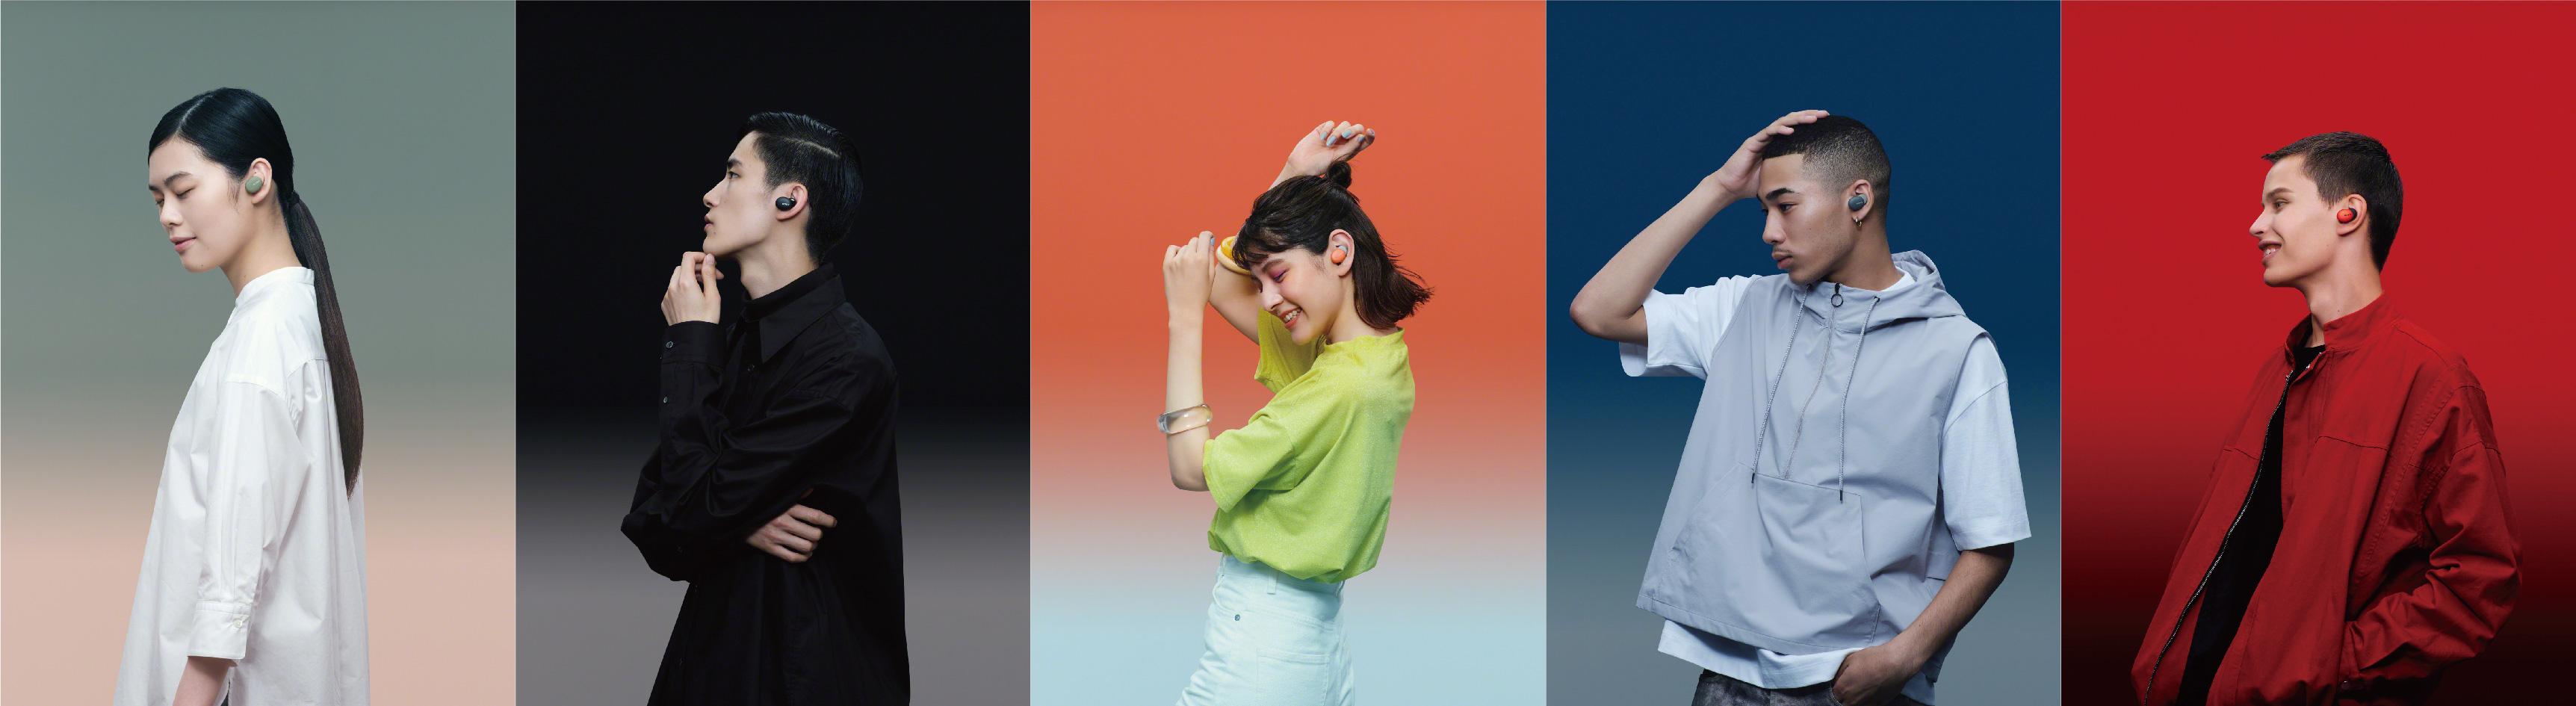 5) 人氣五種雙色調組合,不僅突顯搶眼的色彩元素,也創造意料之外的和諧感,襯托樂迷朋友們獨特的個人風格。